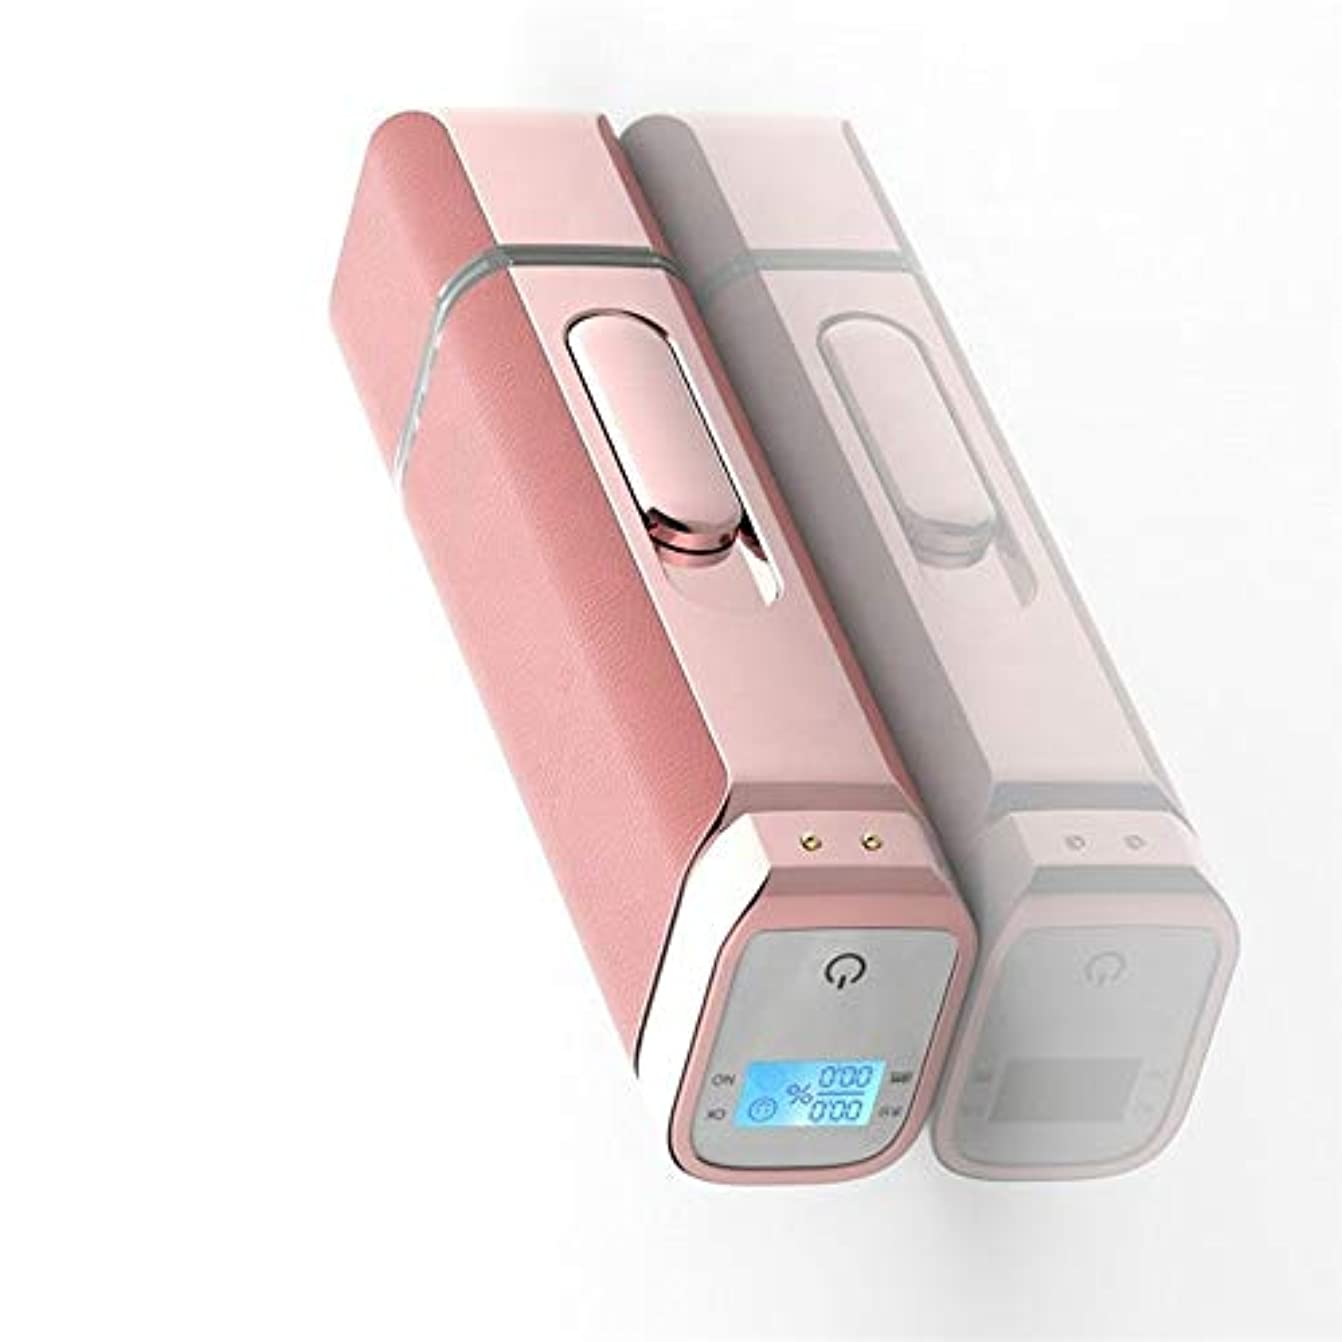 引退した水を飲む形式肌の水分テスターと顔のナノミスト噴霧器、アトマイゼーションフェイススチーマーディープモイスチャライジングブラックヘッドアクネスージングサロン用フェイシャルポータブルフェイシャルスプレー (Color : ピンク)